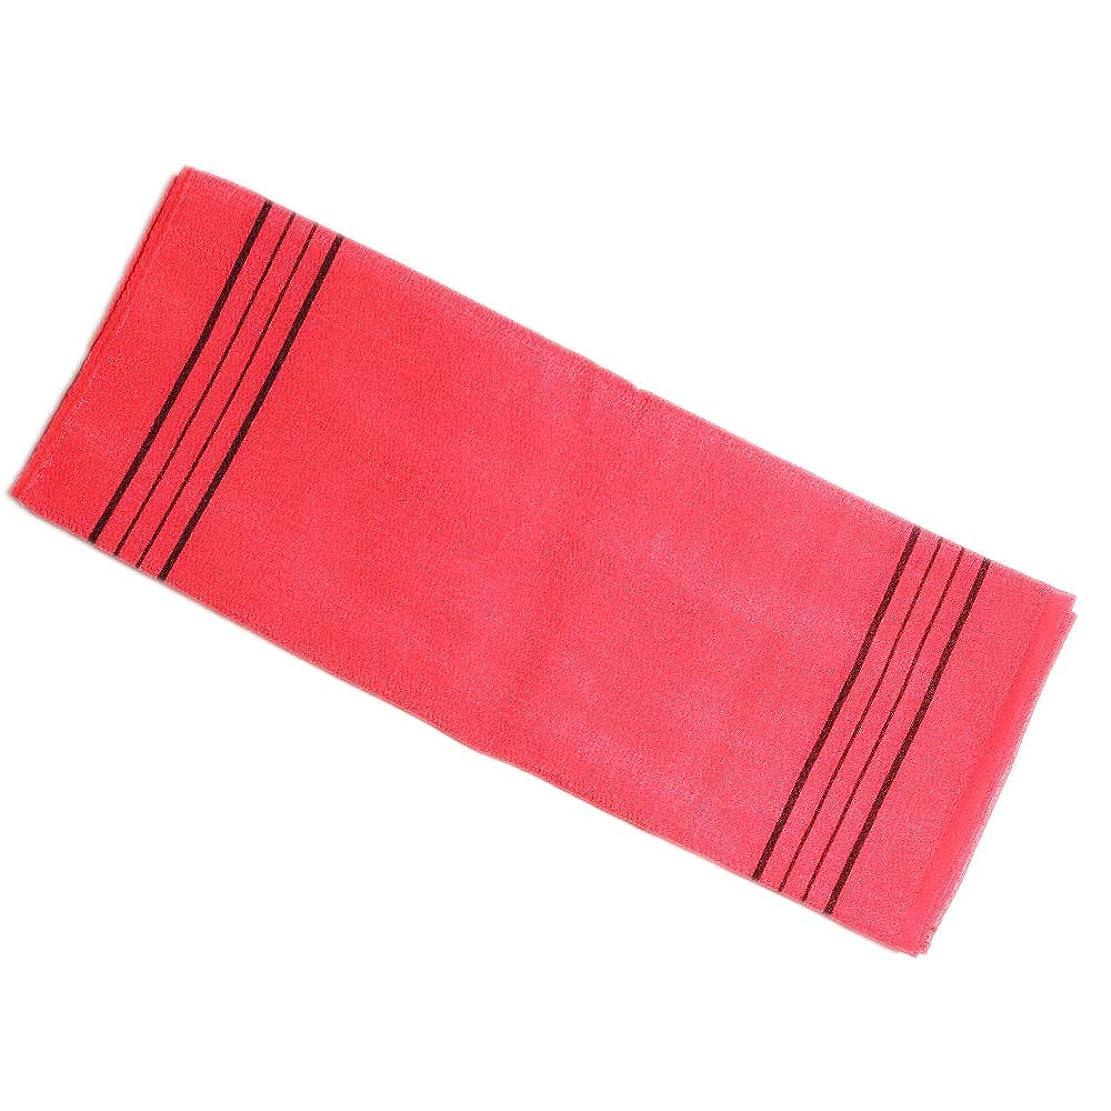 (韓国ブランド)韓国式あかすりボディタオル ロングサイズ 35x100cm (赤色) (あかすり アカスリ 垢すり ボディタオル バスタオル 体洗い お風呂用体洗い 角質除去/血行促進 バスグッズ)